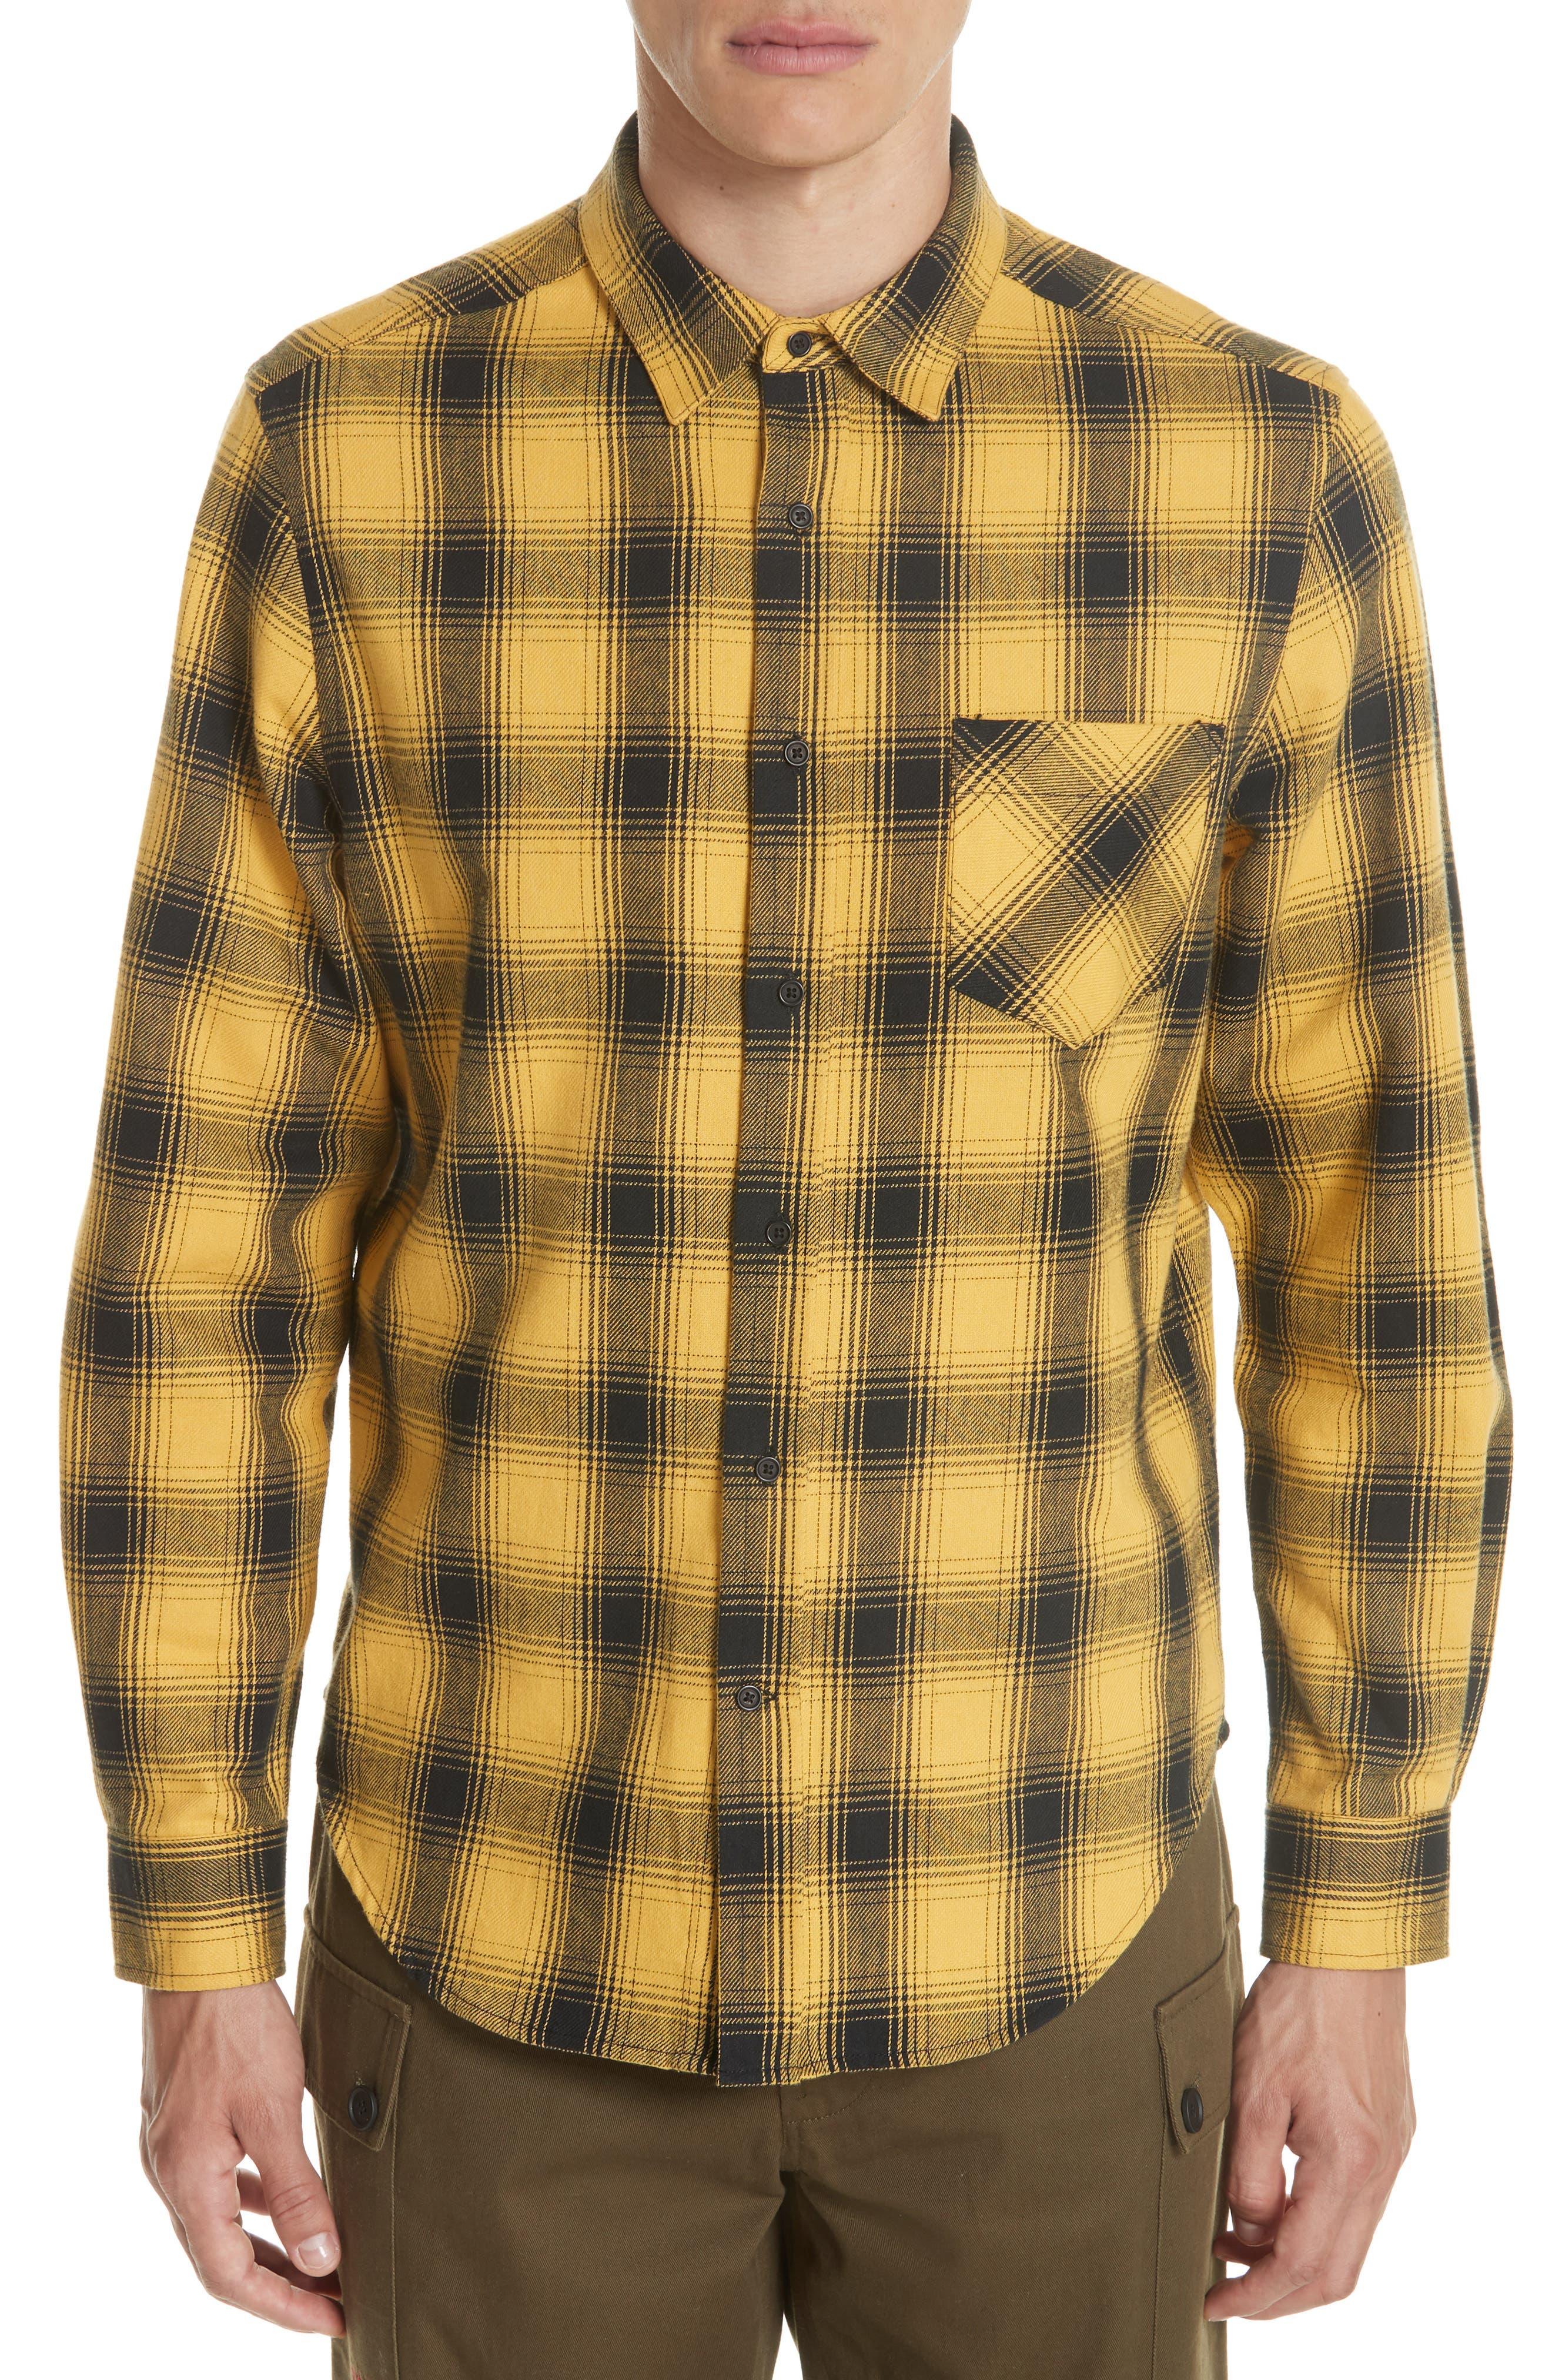 Max Plaid Flannel Shirt,                             Main thumbnail 1, color,                             GOLD PLAID